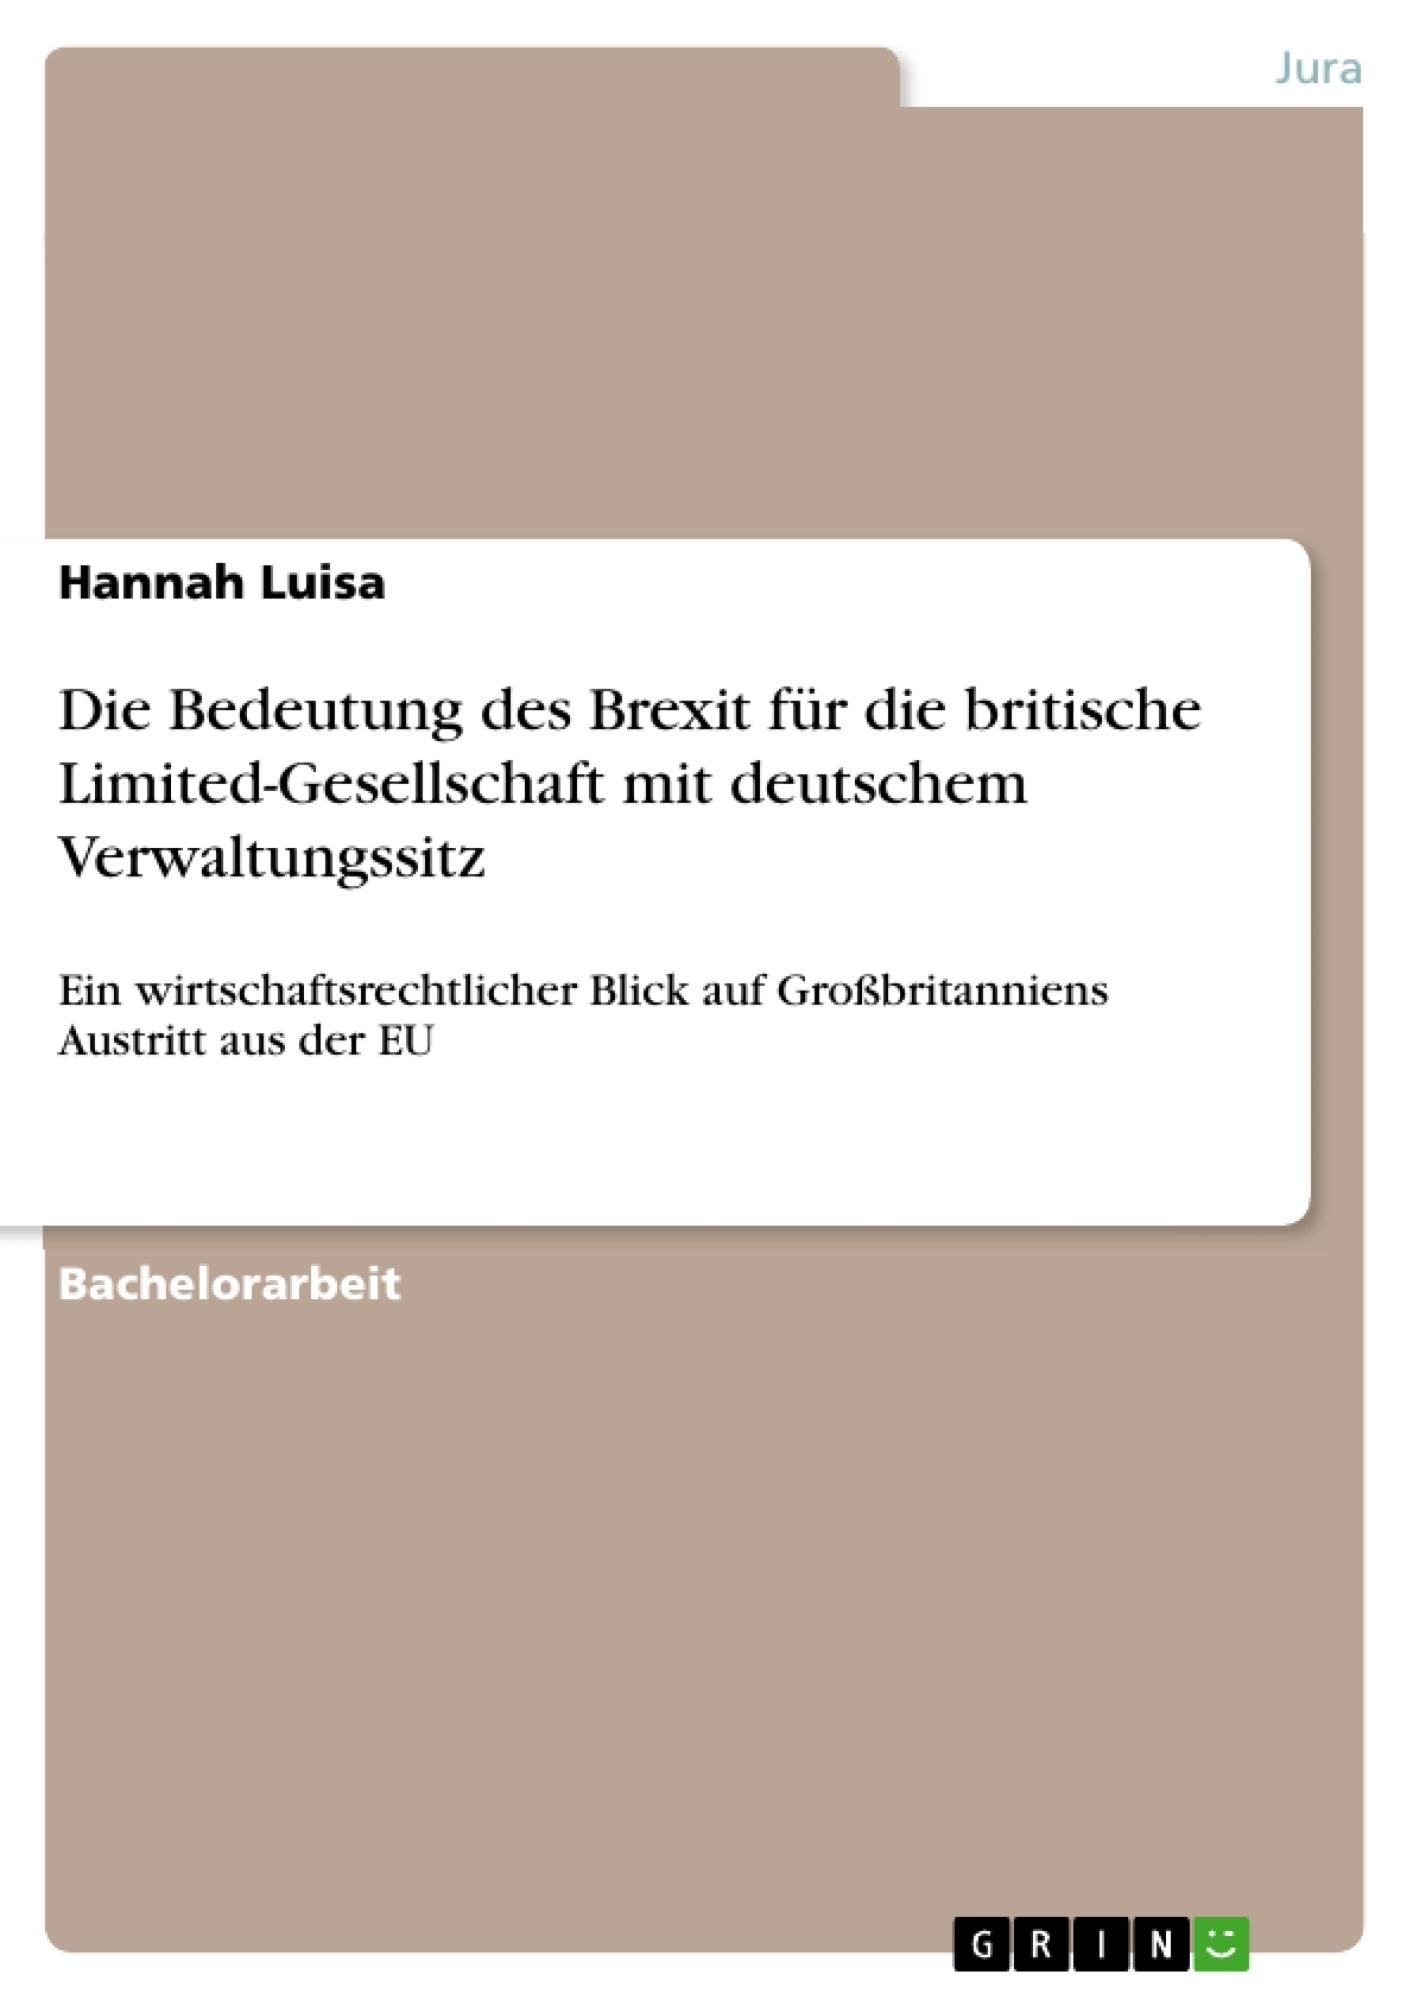 Titel: Die Bedeutung des Brexit für die britische Limited-Gesellschaft mit deutschem Verwaltungssitz